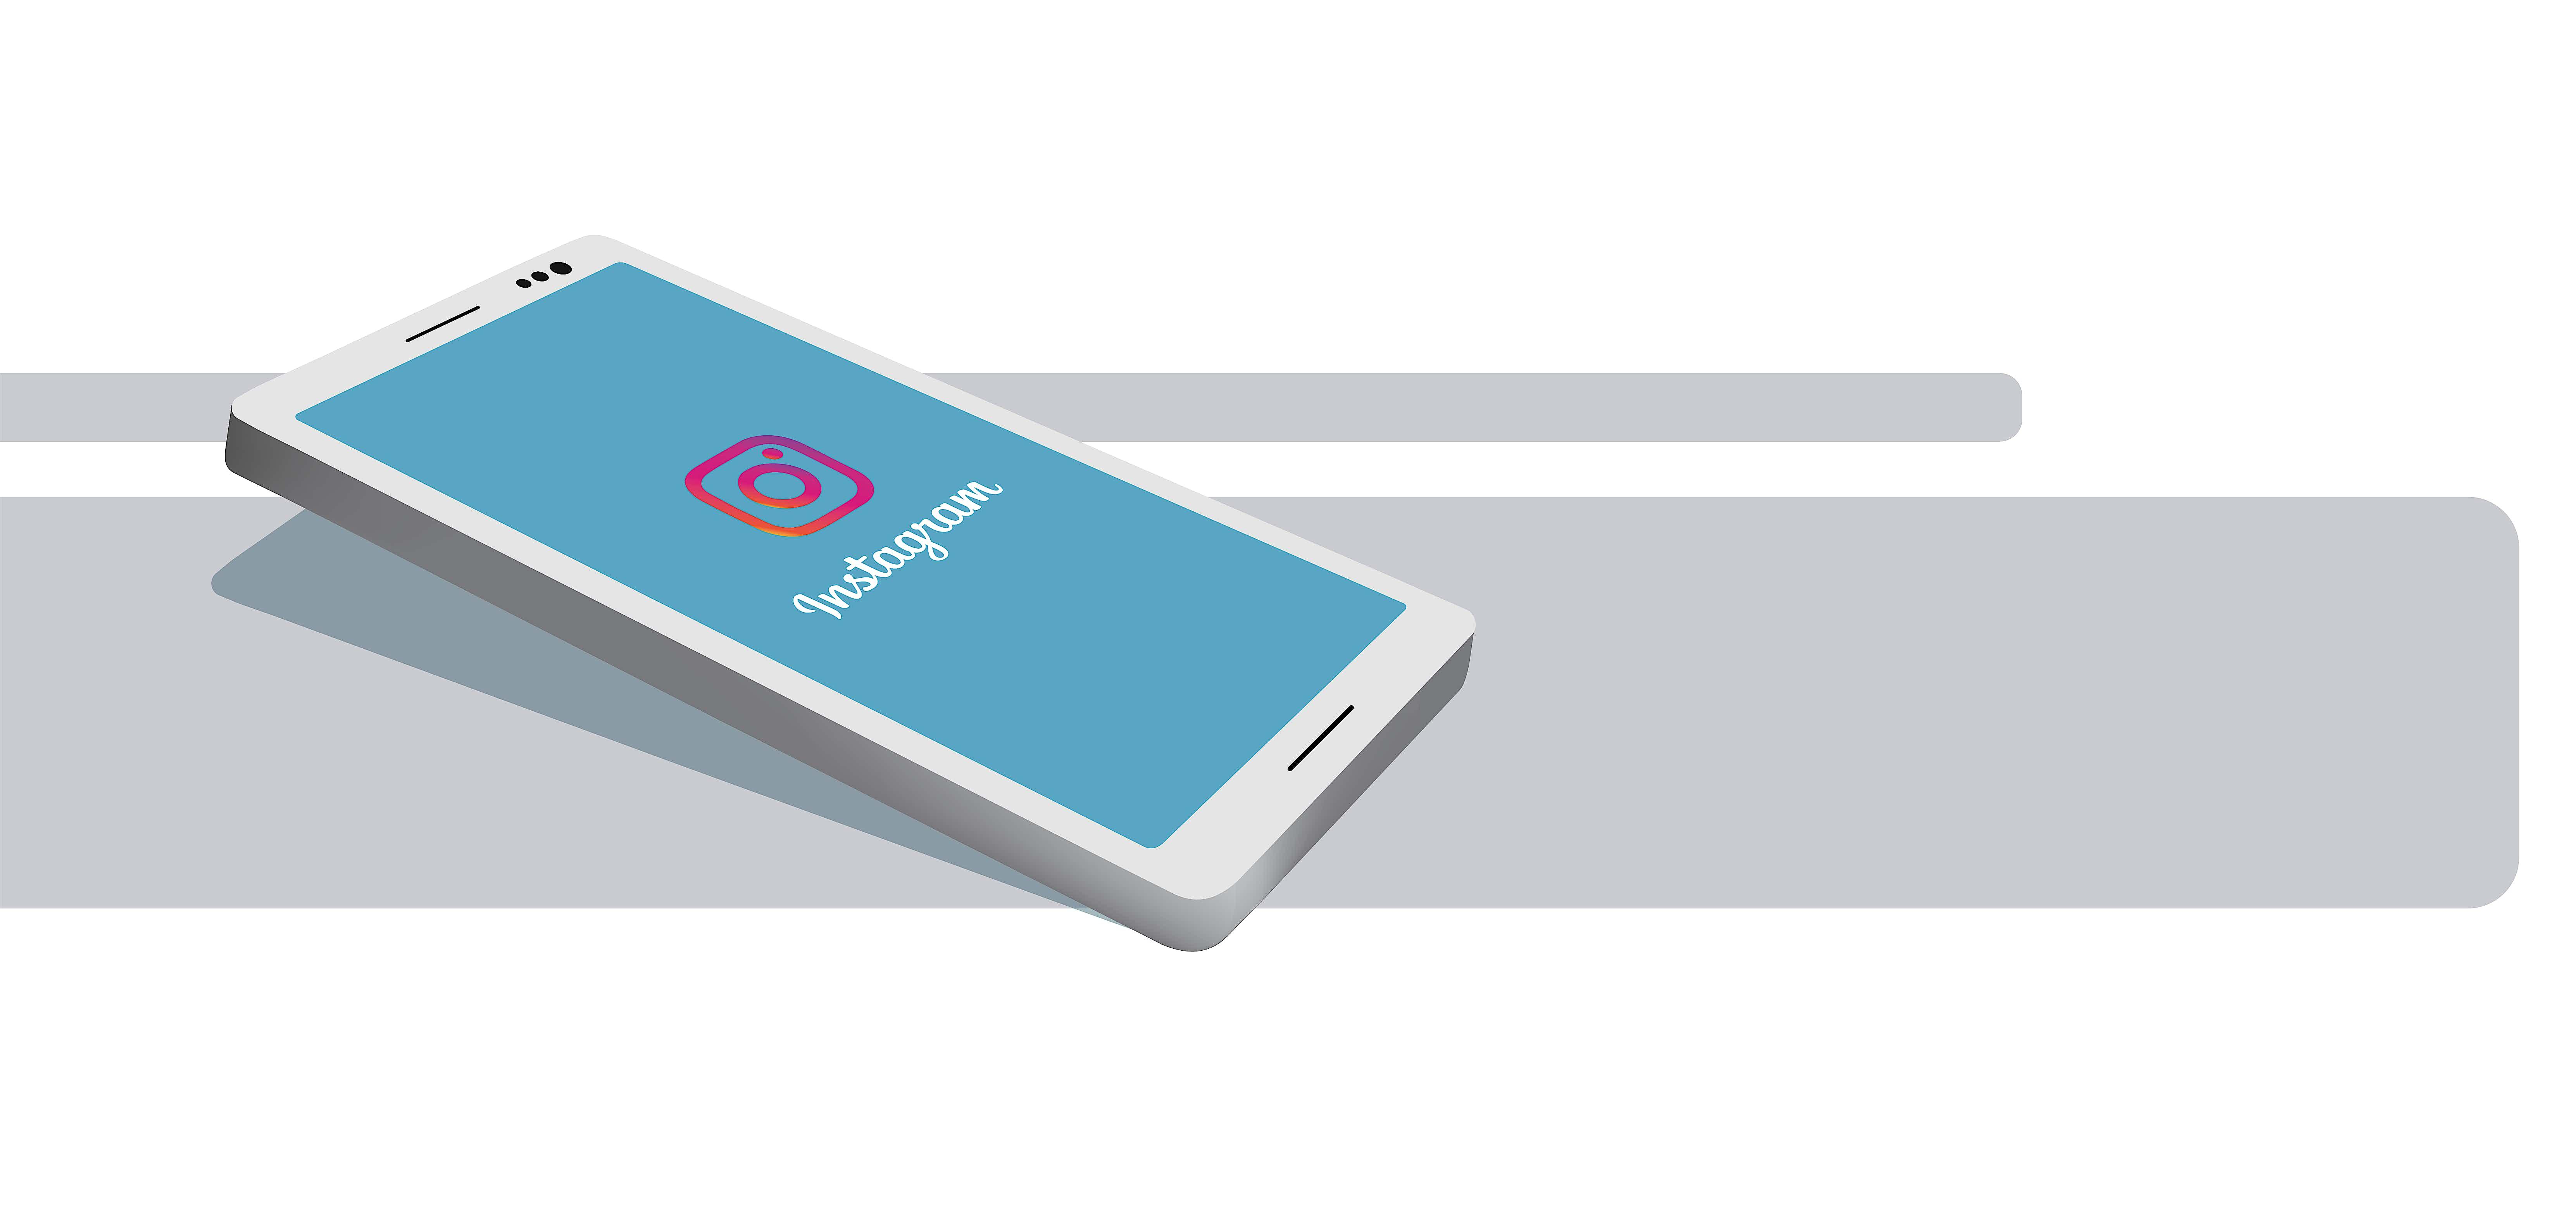 smartphone-liegend-instagram-logo